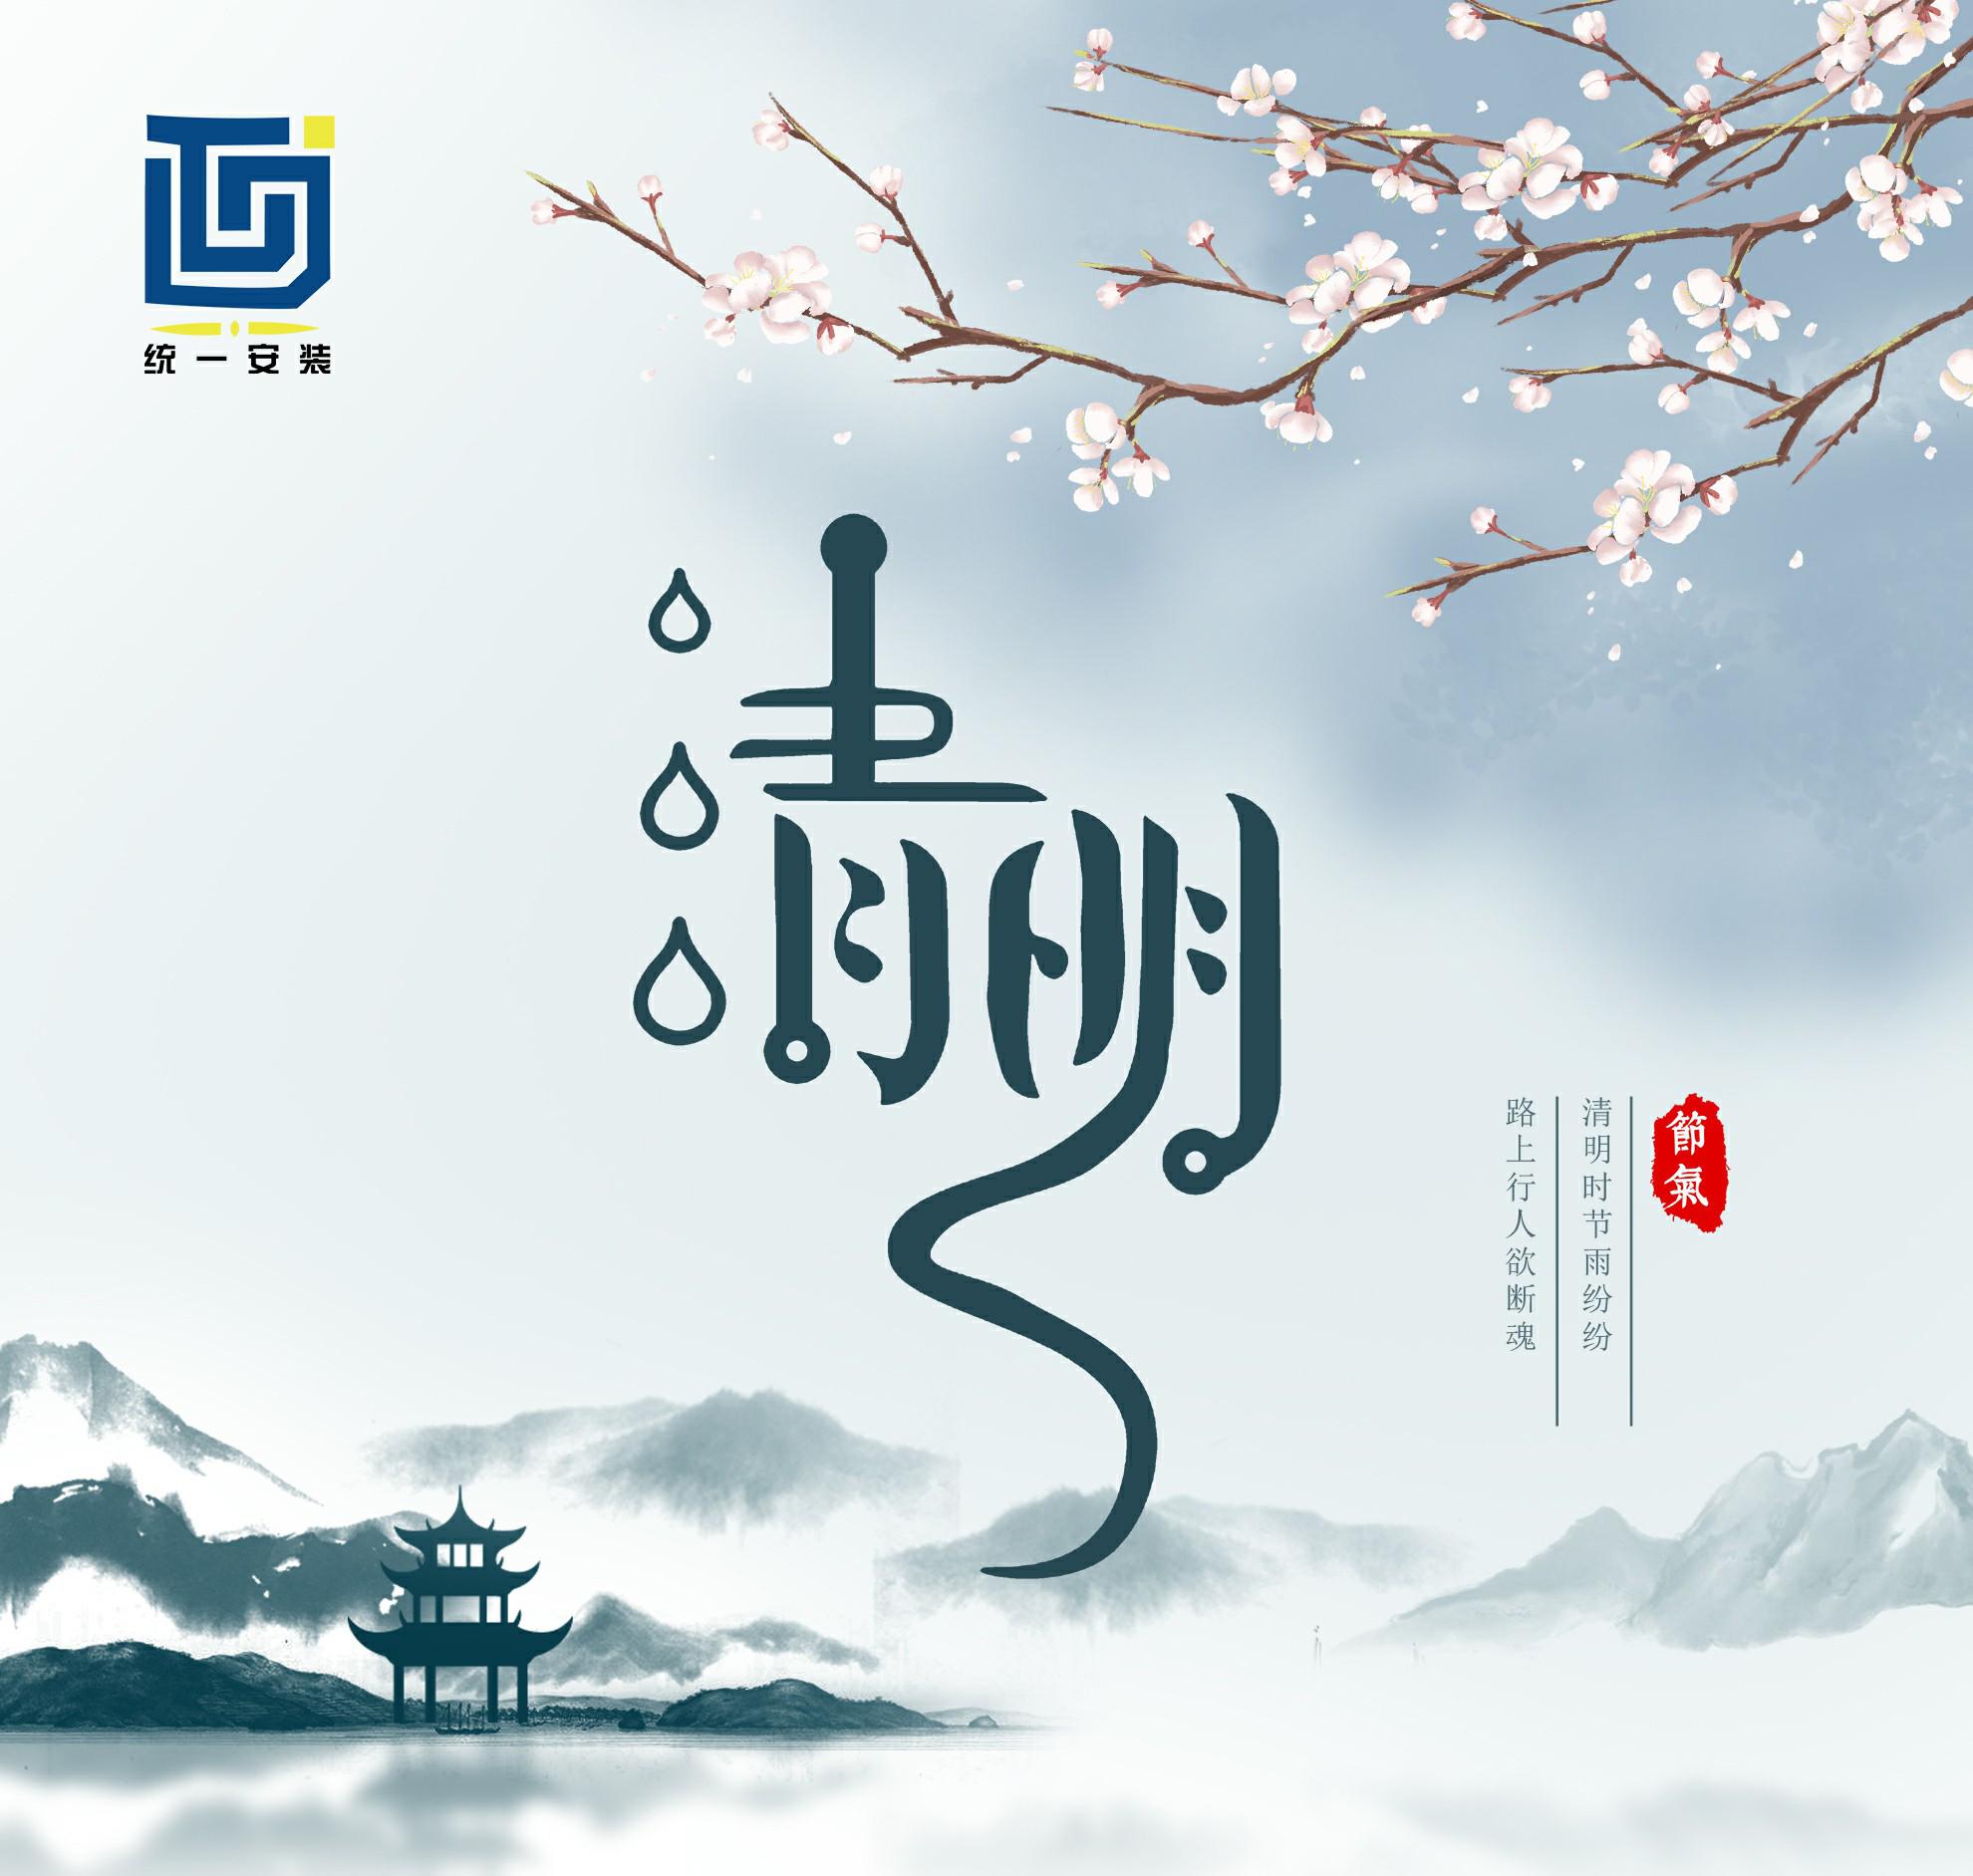 江苏统一平板电脑manbetx万博官网集团关于清明节放假通知